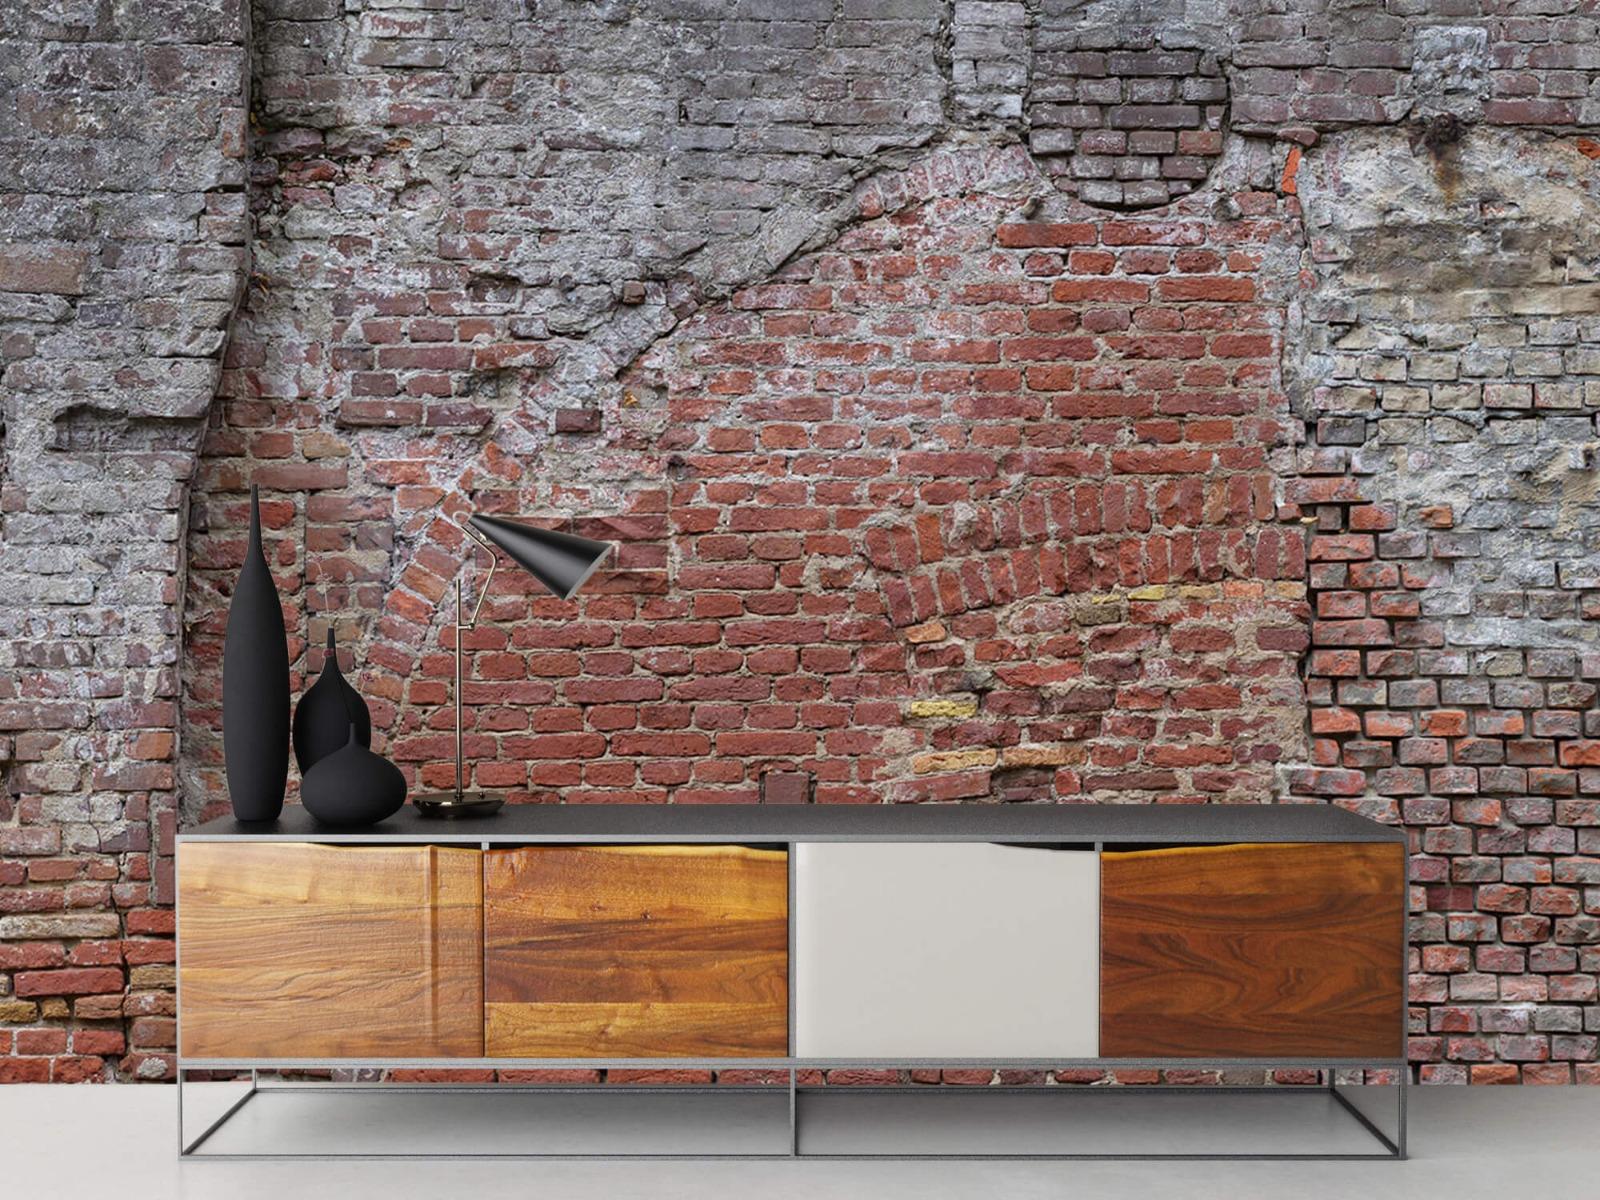 Steen behang - Oude herstelde stadsmuur - Tienerkamer 16